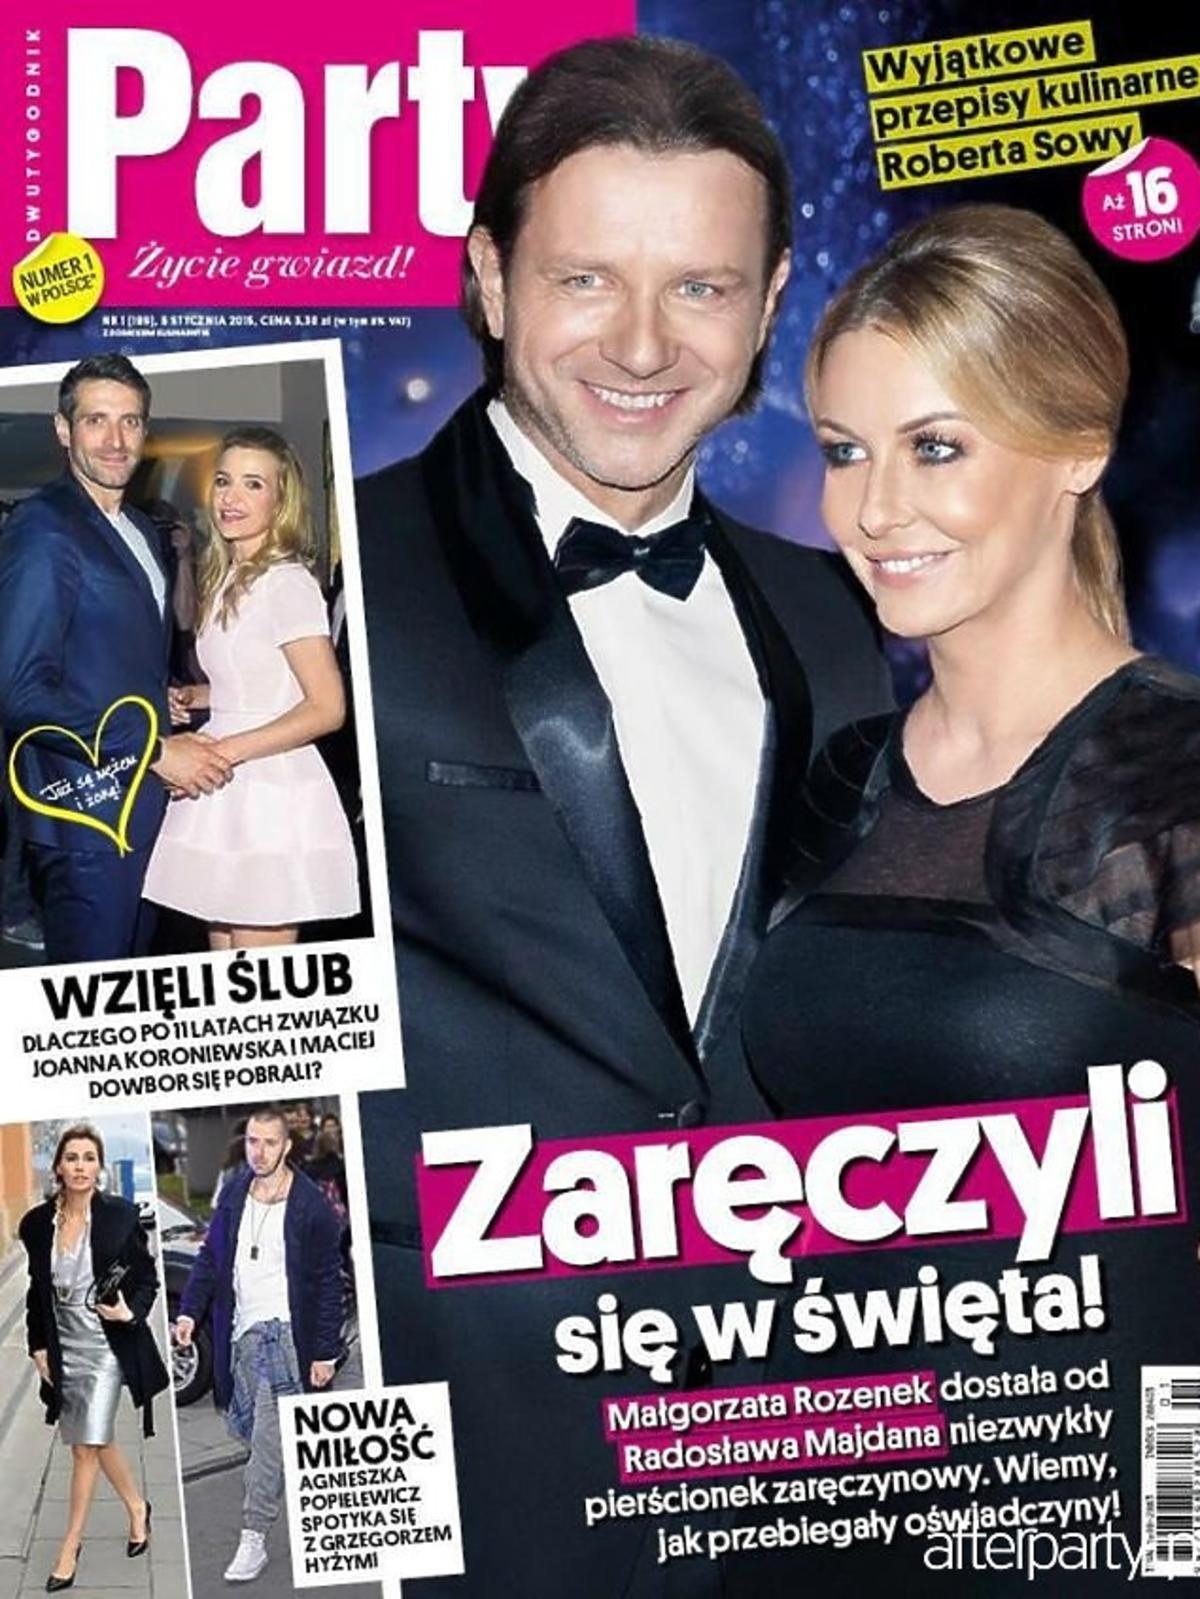 Małgorzata Rozenek i Radosław Majdan na okładce Party